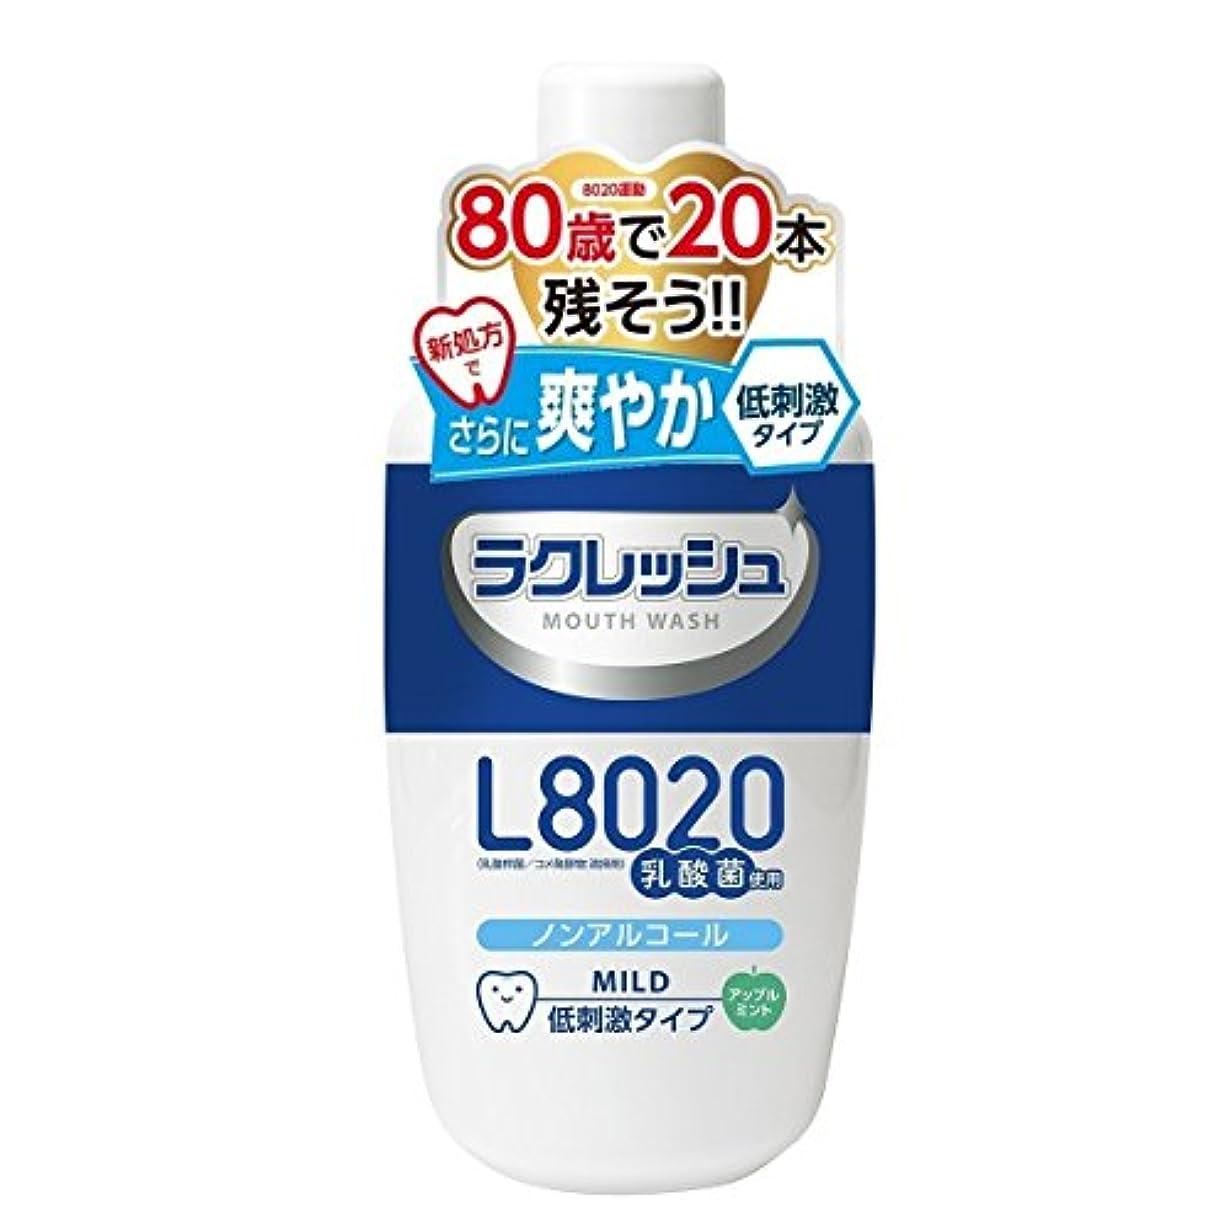 逸脱コックあまりにも○ ラクレッシュ L8020菌使用 マウスウォッシュ ノンアルコールタイプ 300mL×48個セット 2ケース分